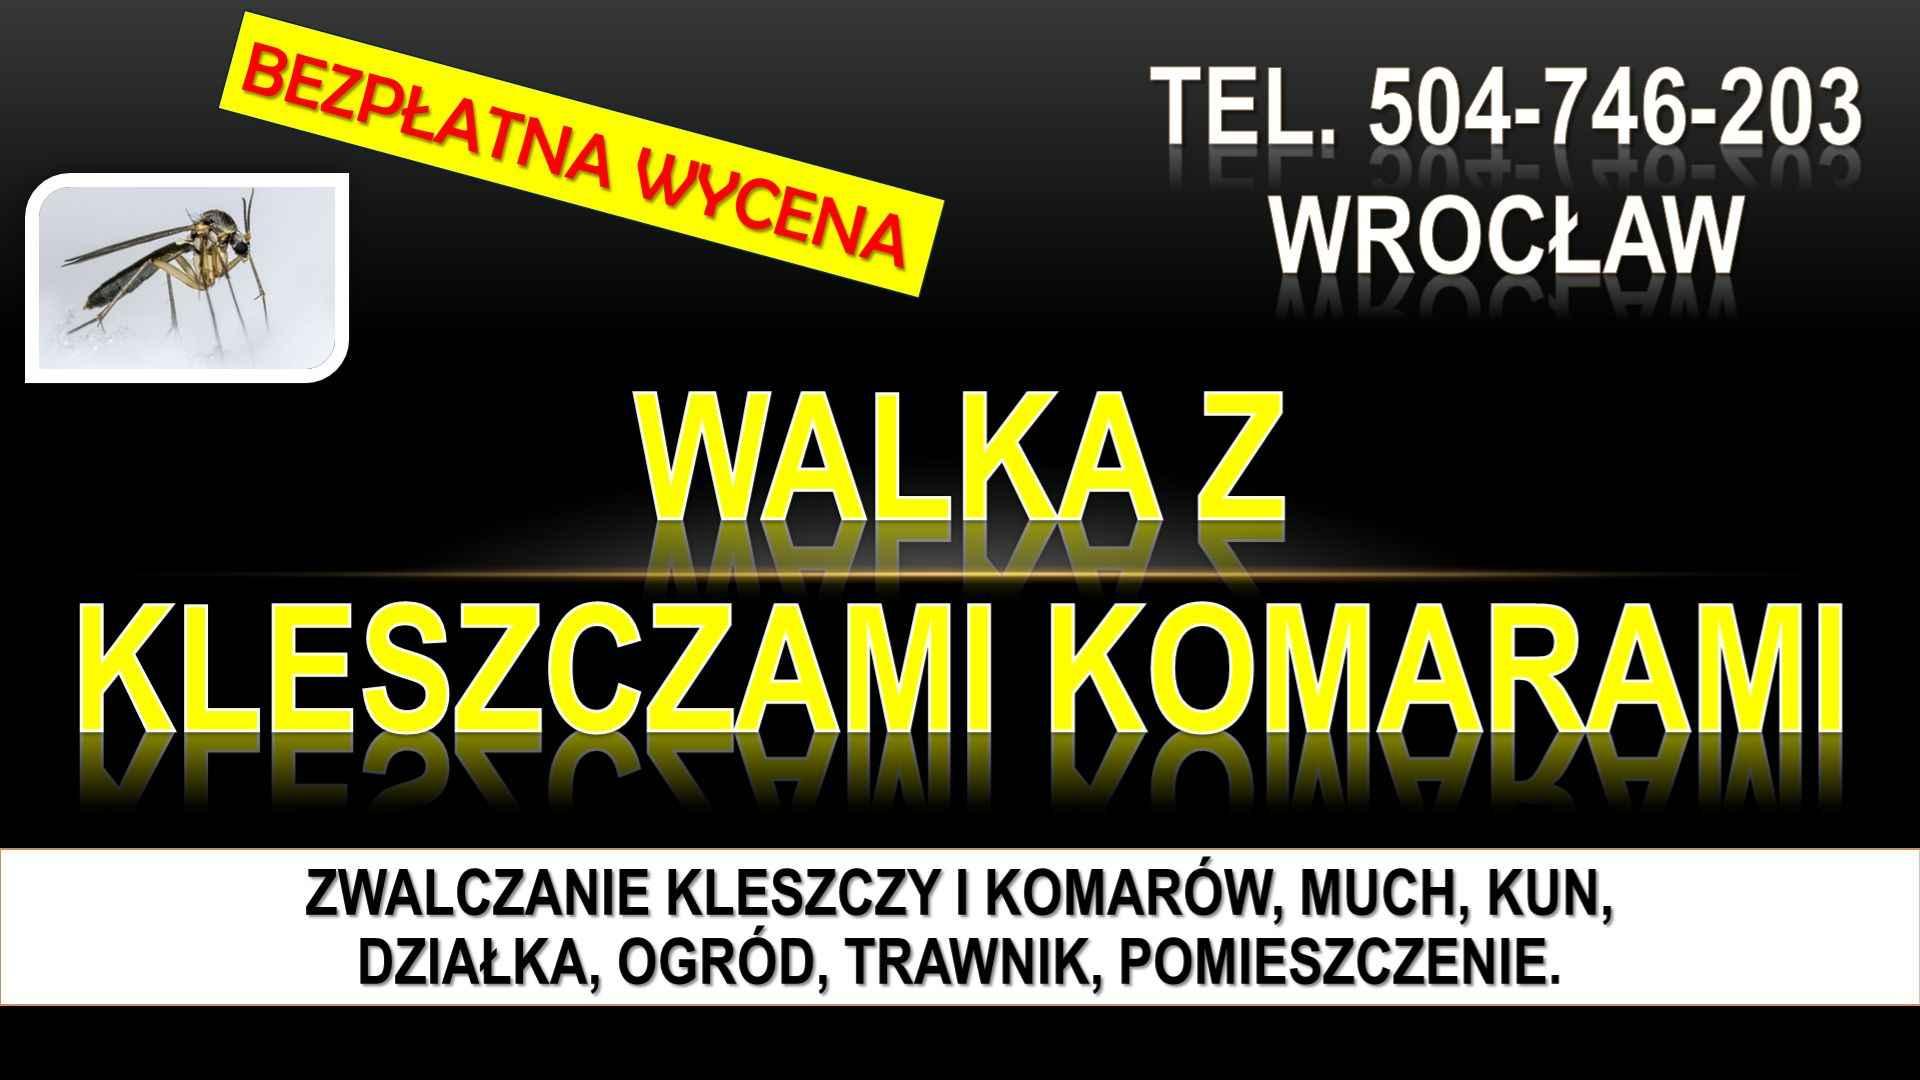 Zwalczanie kleszczy, cena, Wrocław, t504-746-203, Opryski, likwidacja. Psie Pole - zdjęcie 1